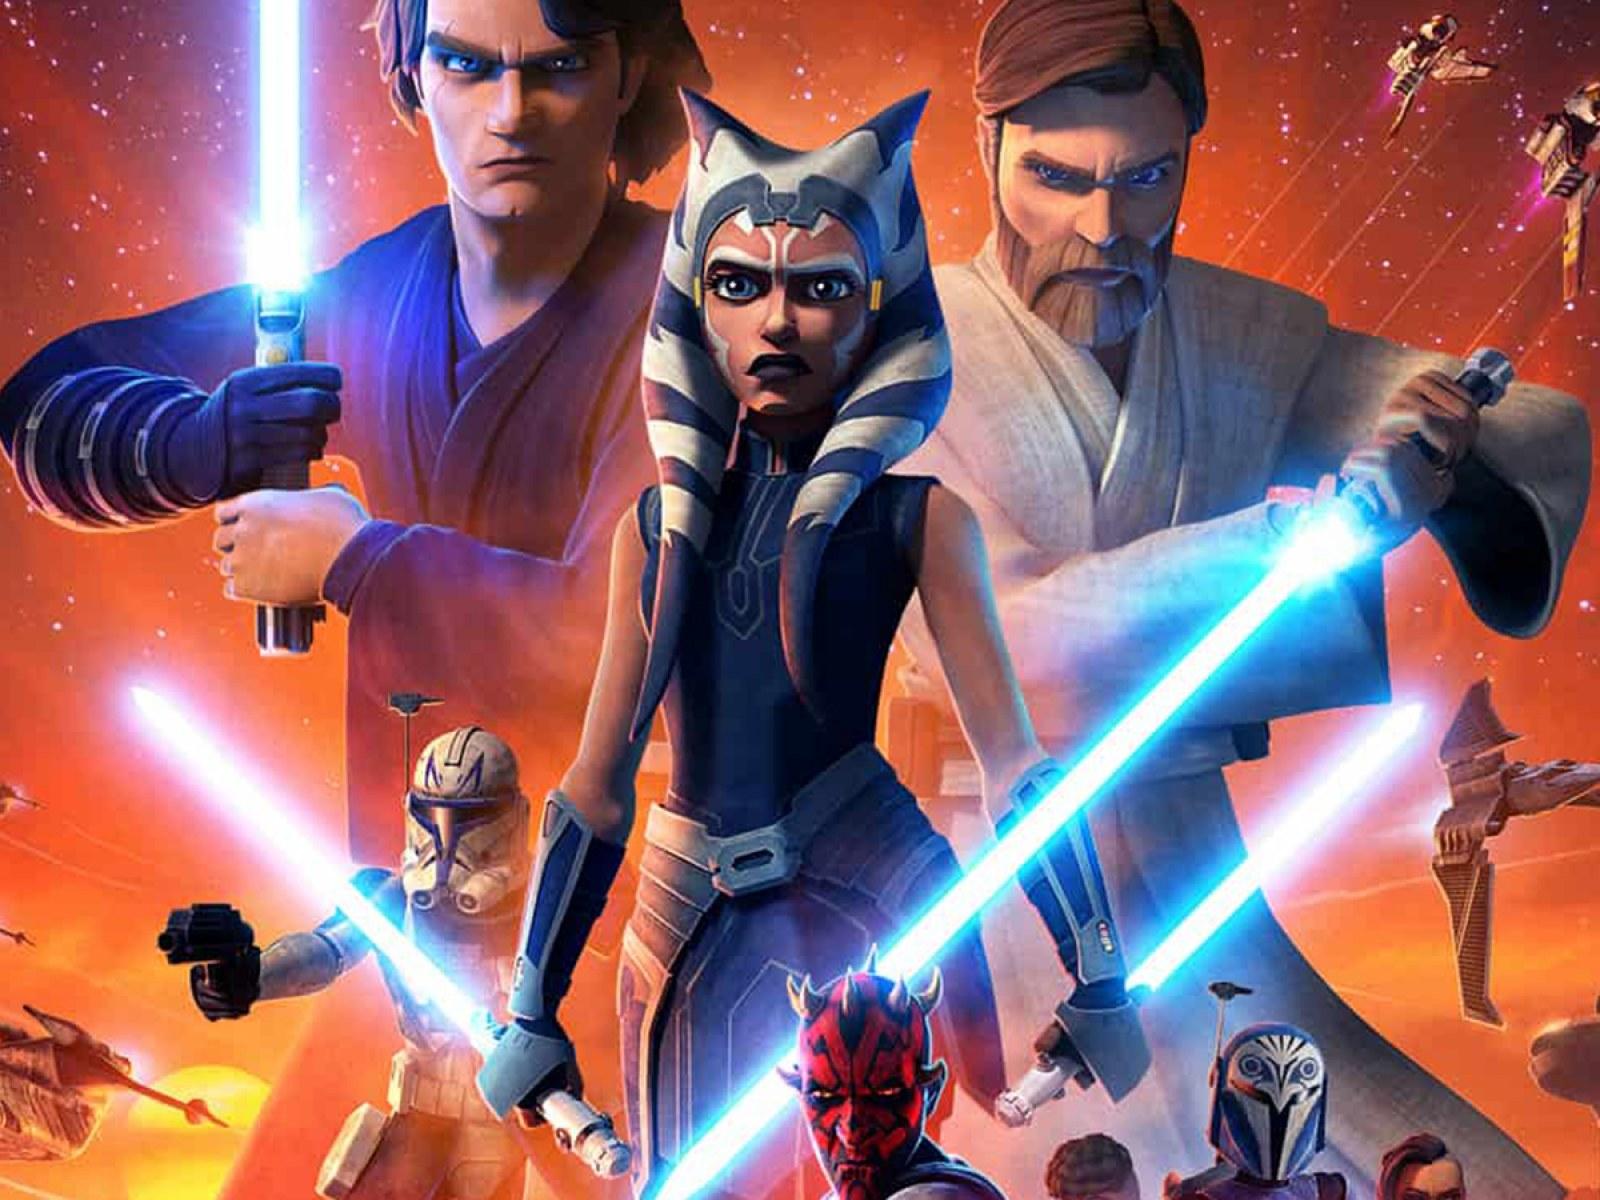 Star Wars The Clone Wars Season 7 Disney Plus Release Date When